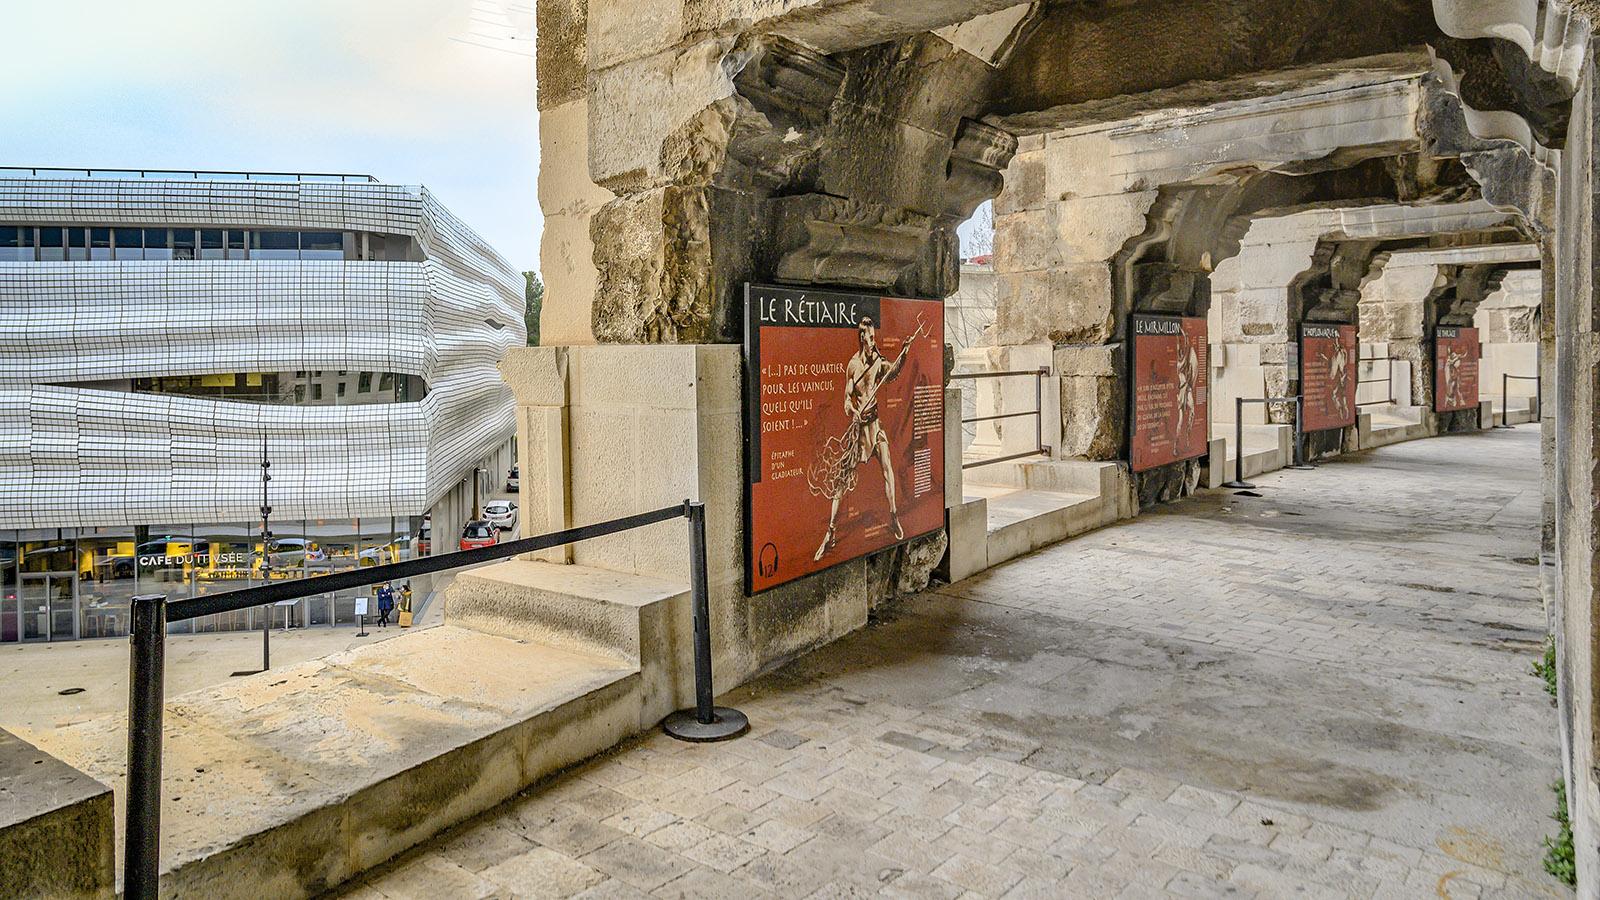 Wechselspiel von Antike und Gegenwart, Erbe und Aufbruch: das Musée de la Romanitüe und die Arenen. Foto: Hilke Maunder